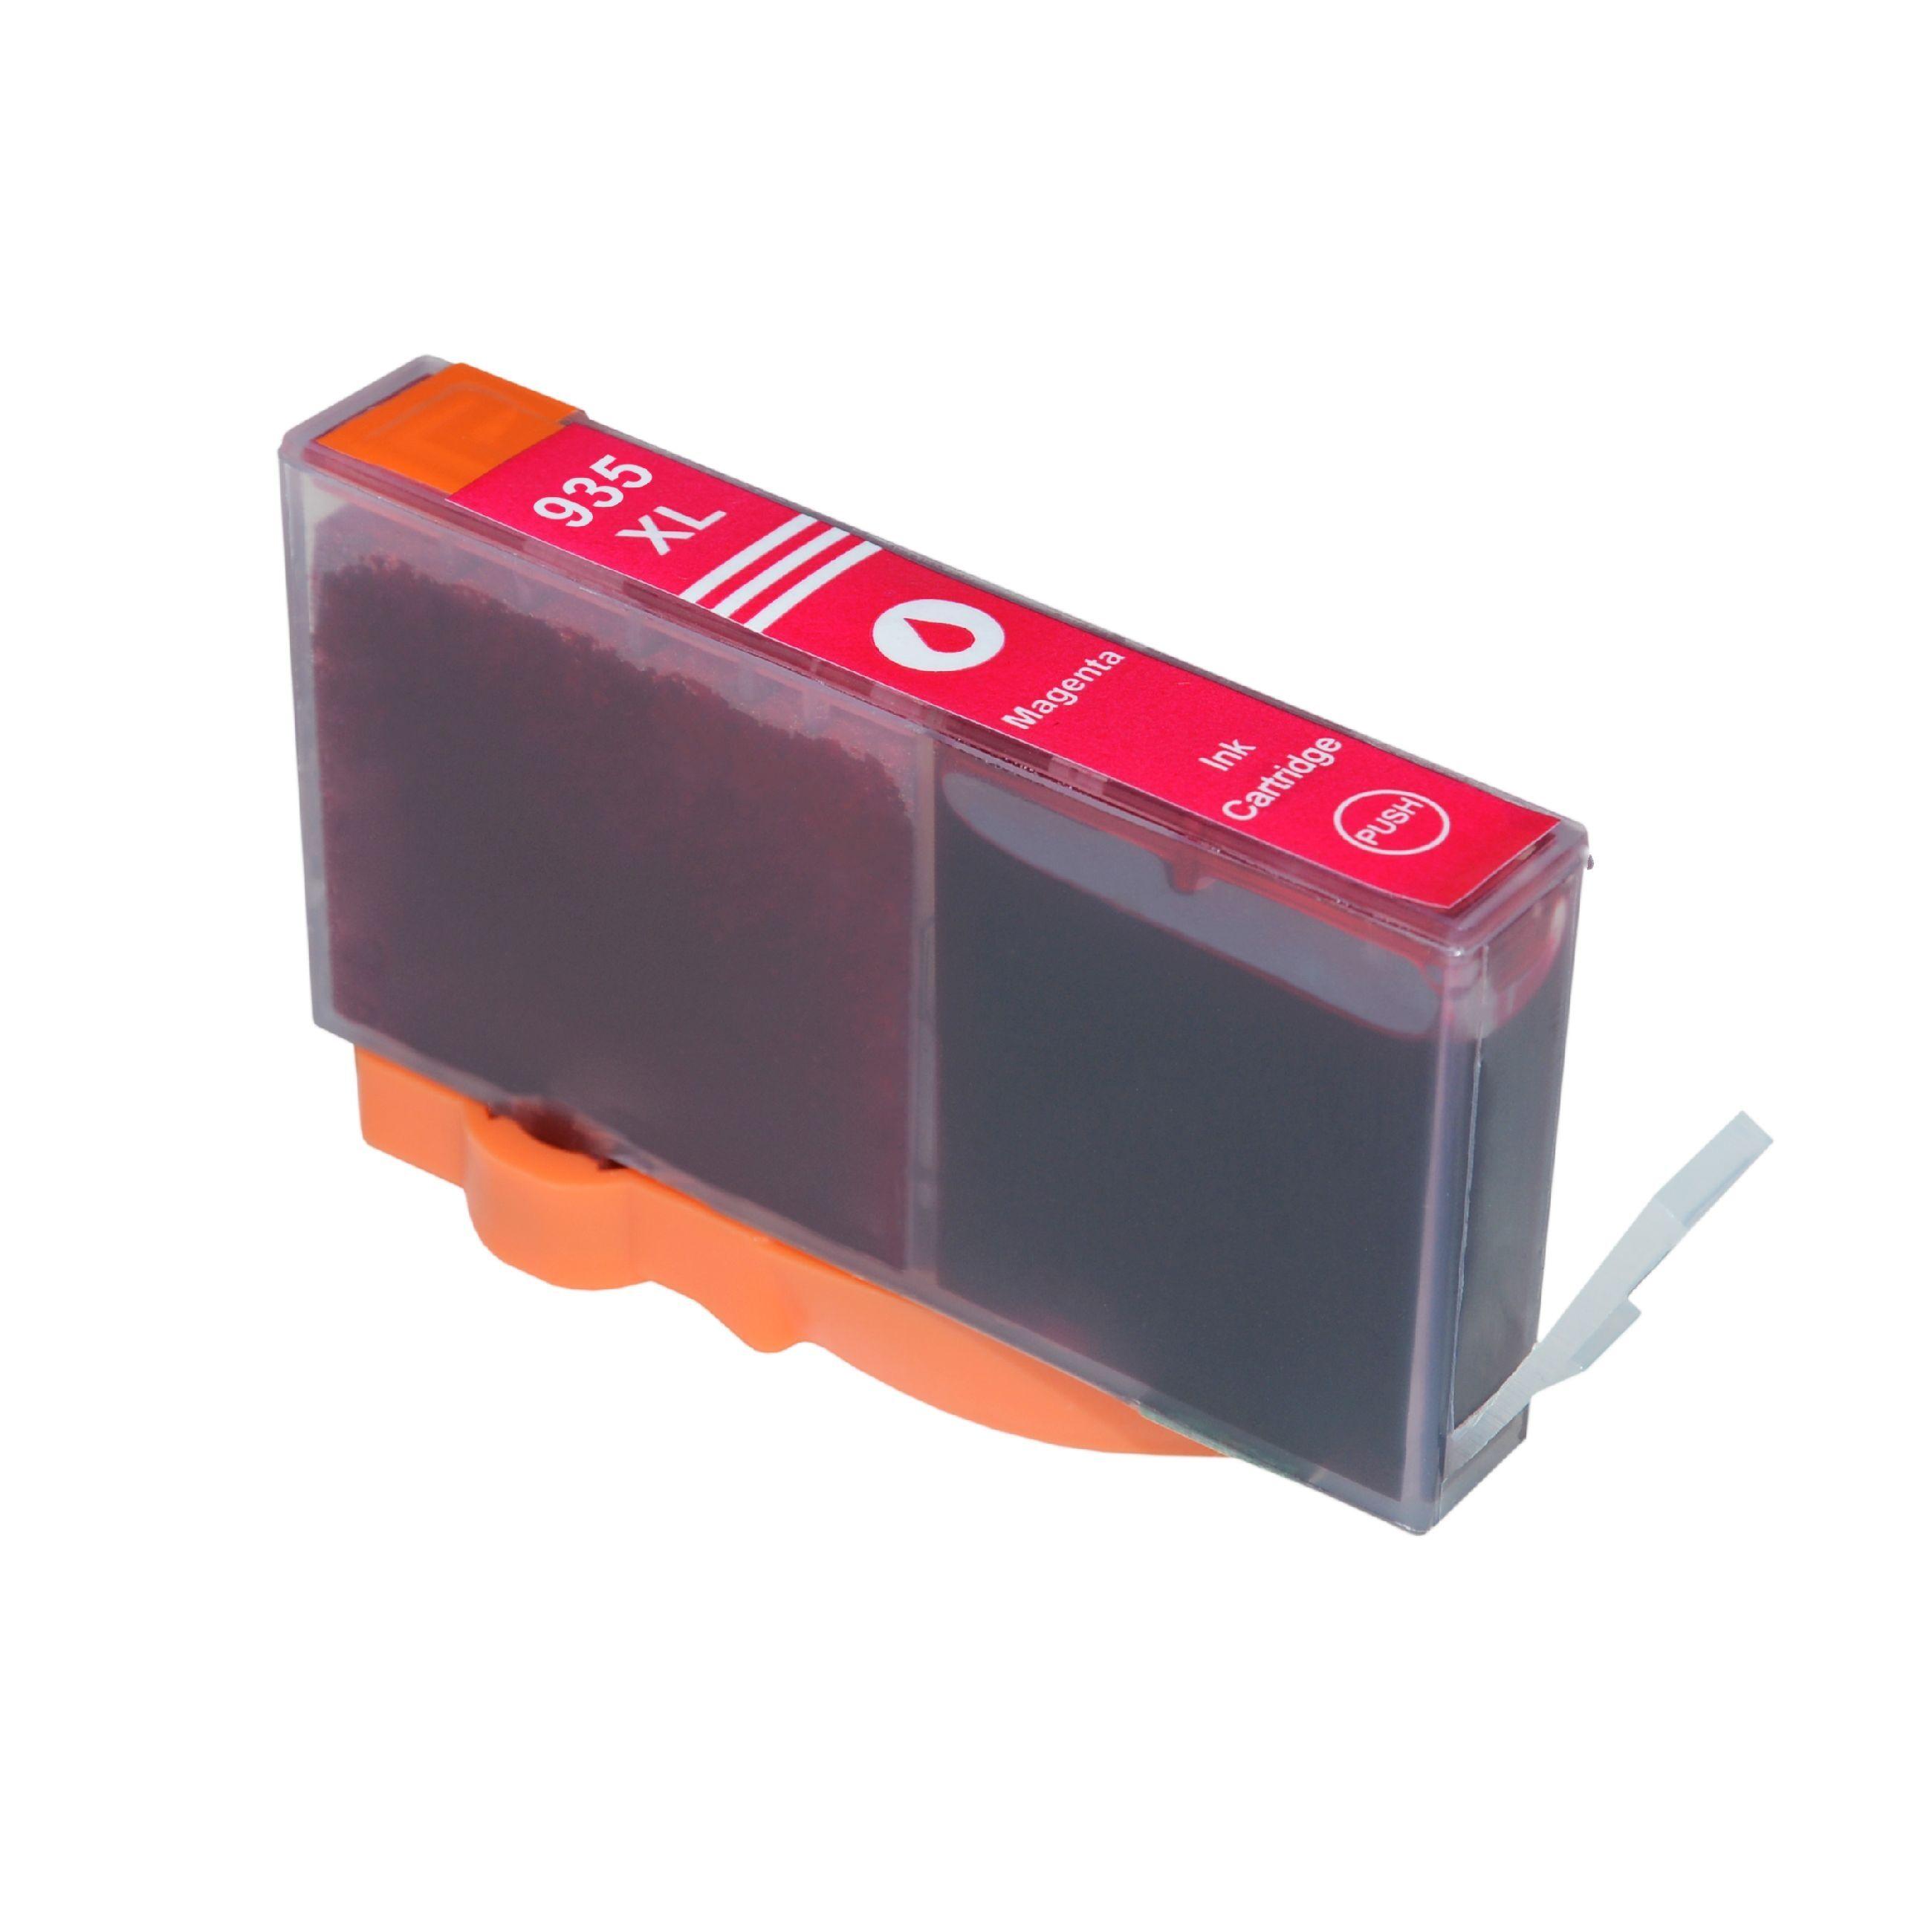 HP Cartouche d'encre pour HP C2P25AE / 935XL magenta compatible (de marque ASC)